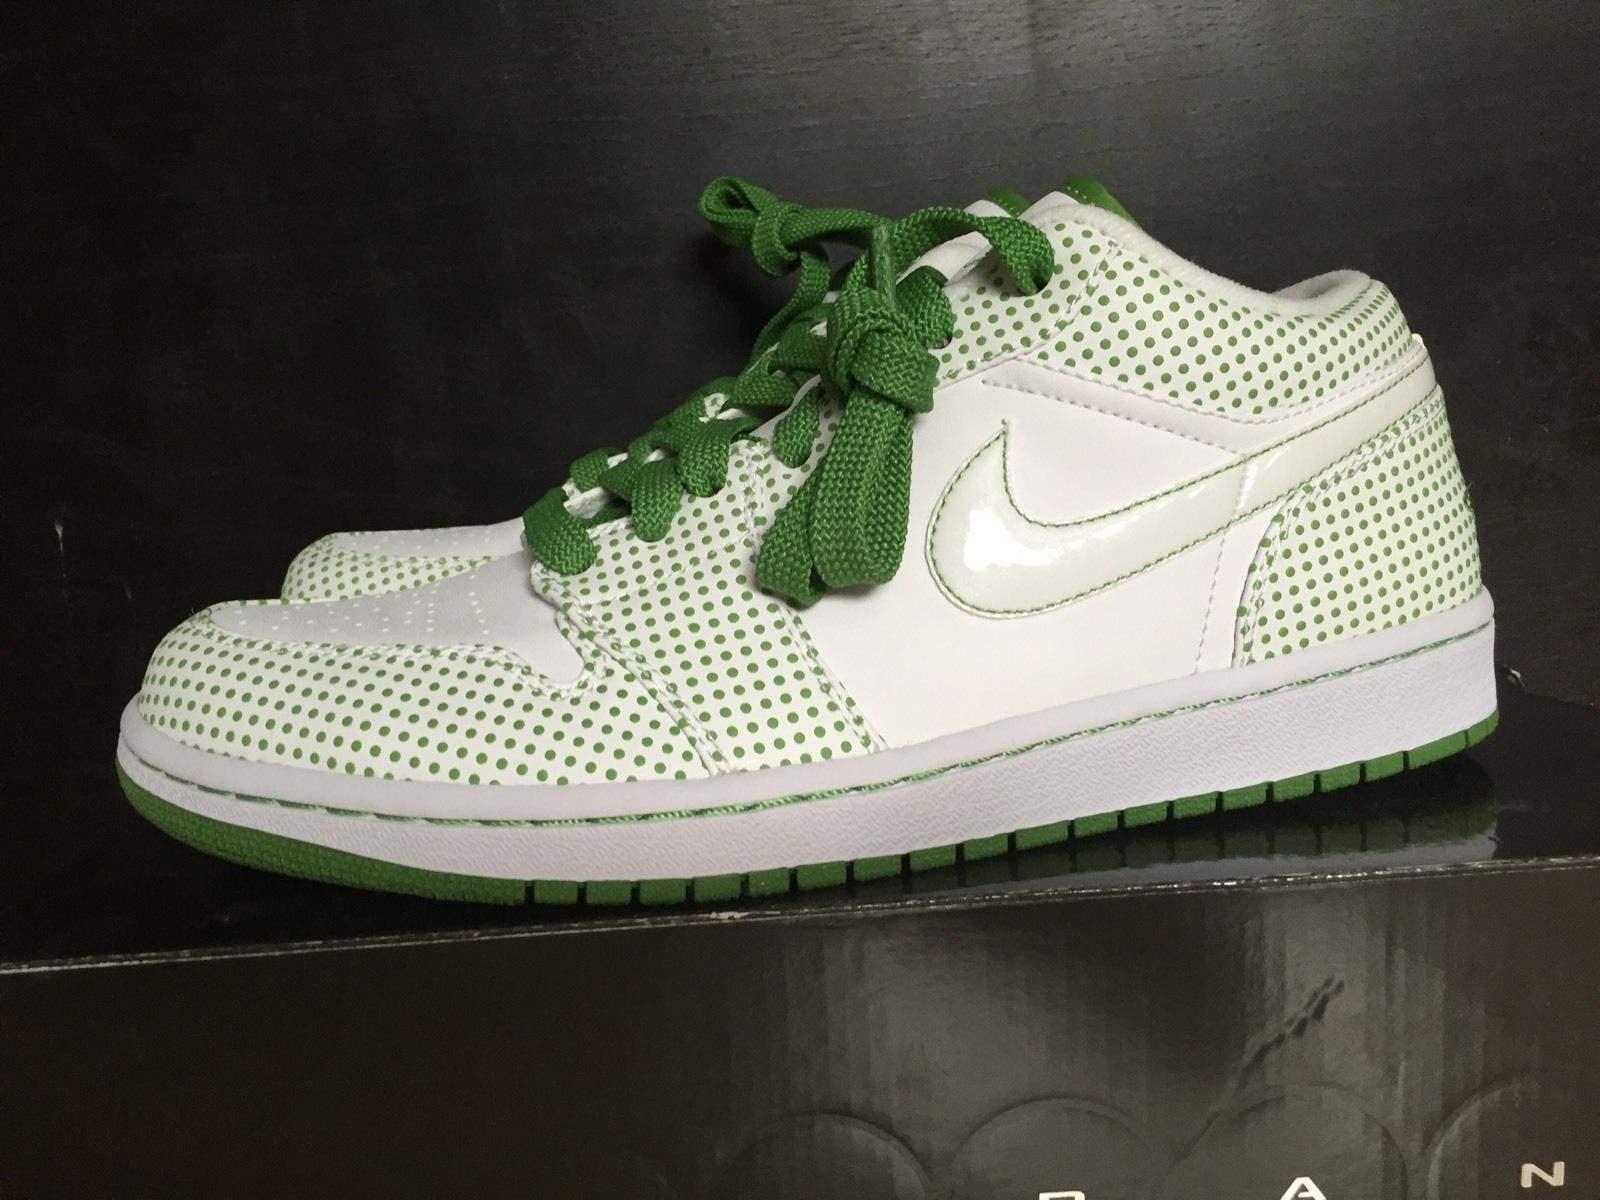 Nike Air Jordan phat low 1 I  retro white chlgoldphyll